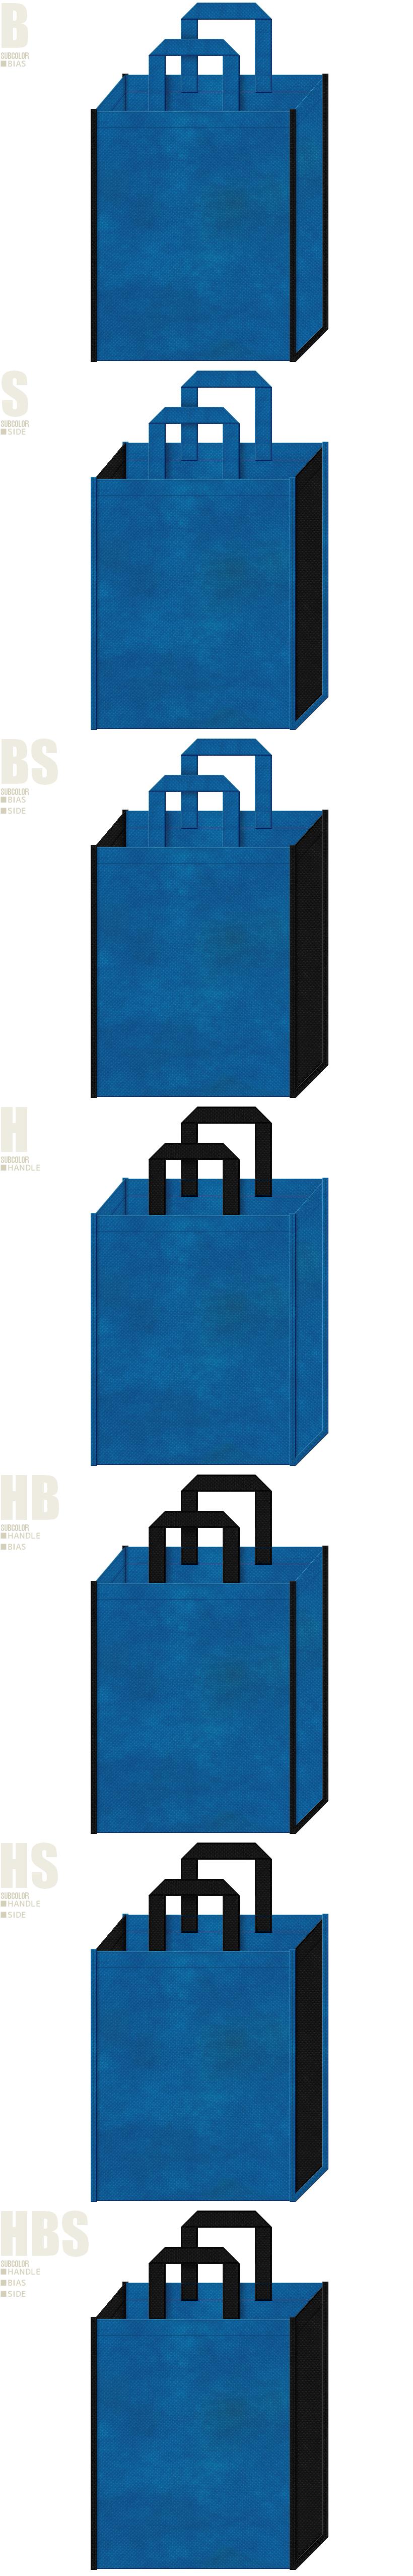 騎士・伝説・神話・モンスター・格闘・ゲームの展示会用バッグにお奨めの不織布バッグデザイン:青色と黒色の不織布バッグ配色7パターン